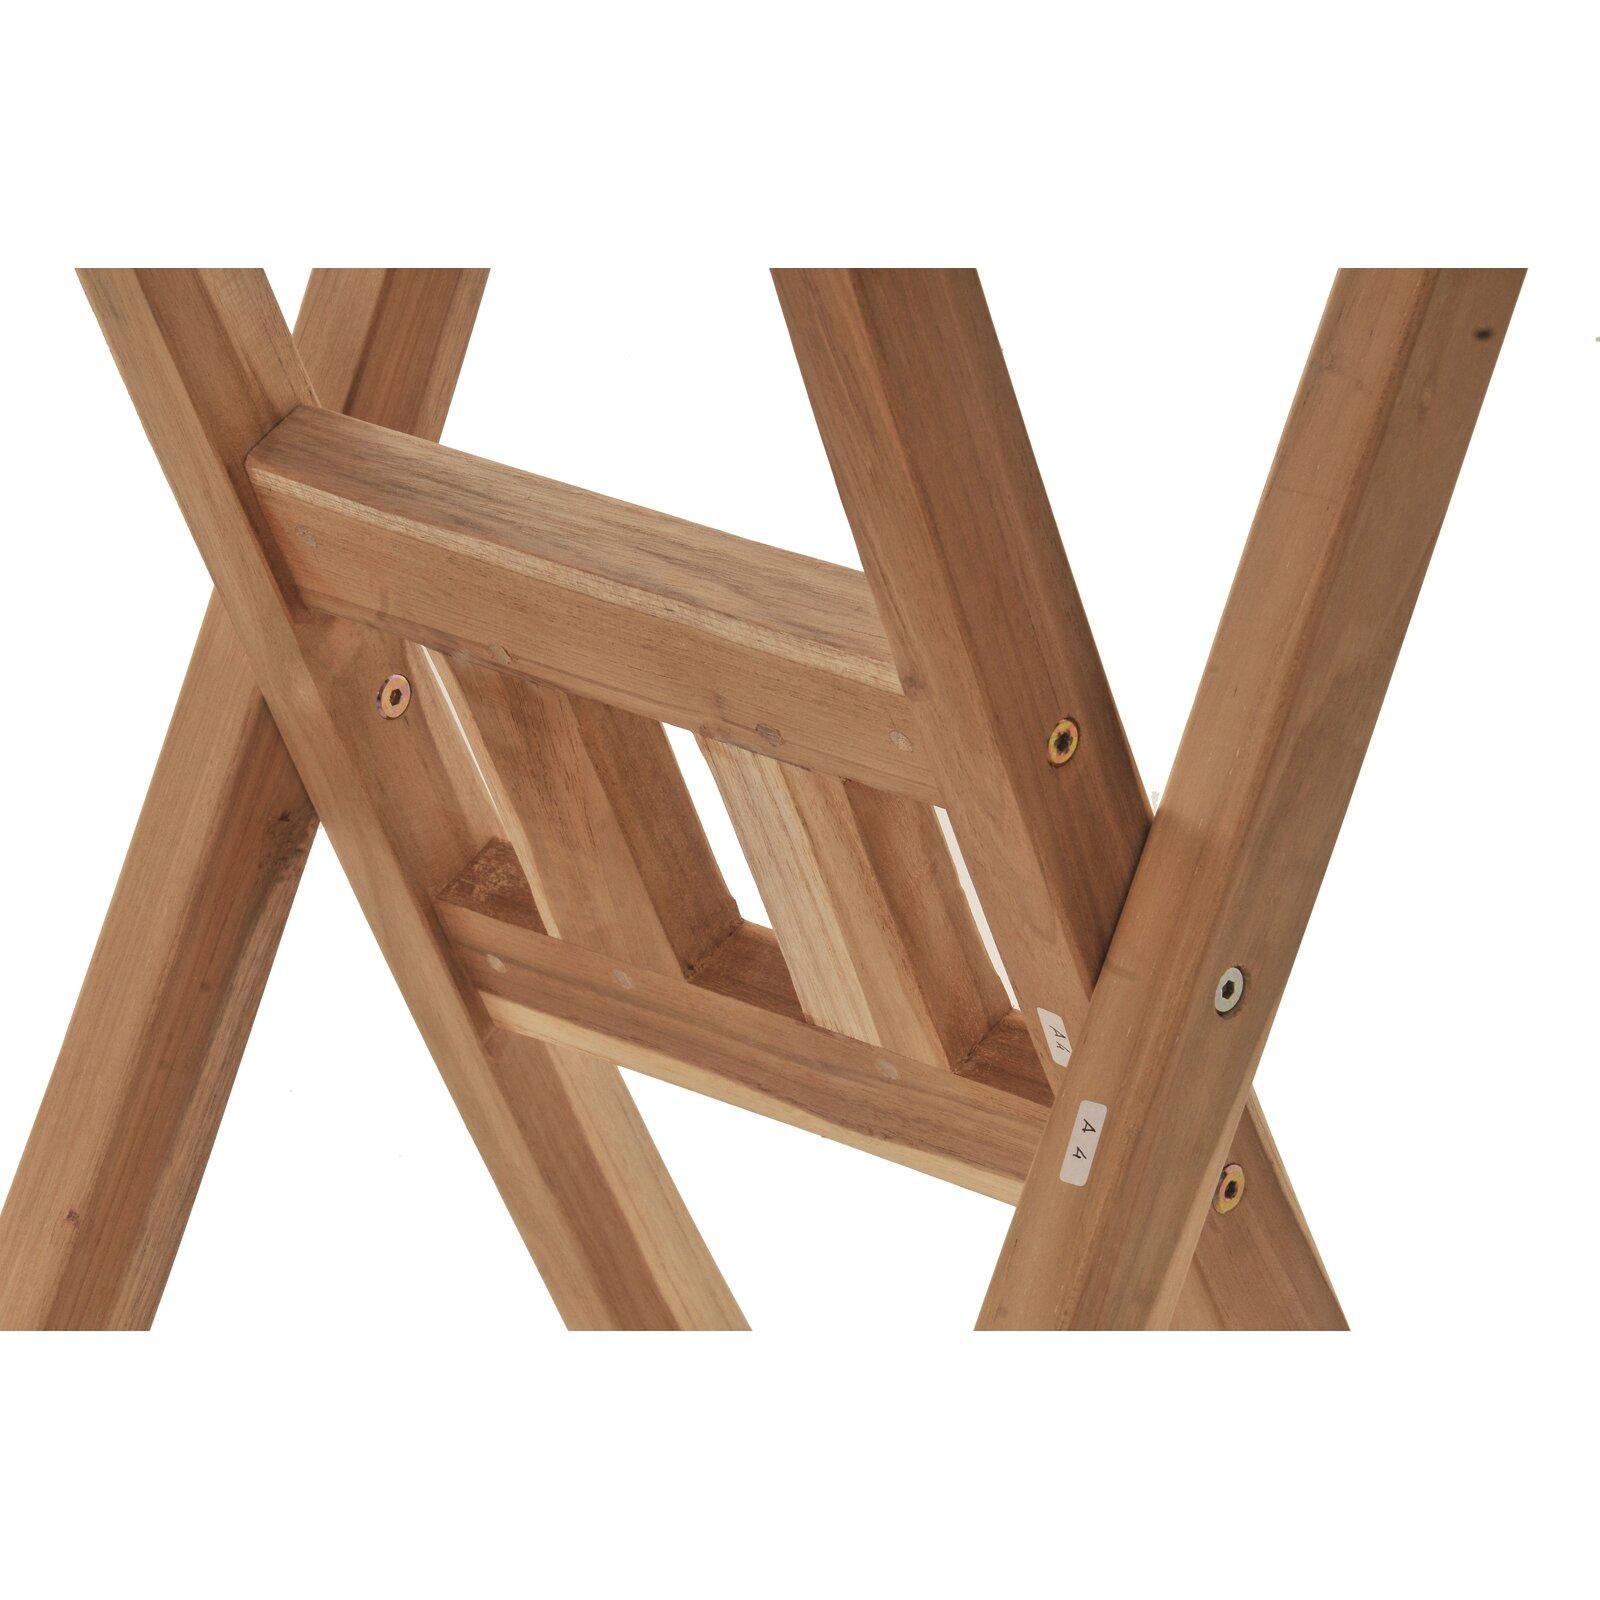 sam stil art m bel gmbh sucre 2 seater bistro set wayfair uk. Black Bedroom Furniture Sets. Home Design Ideas